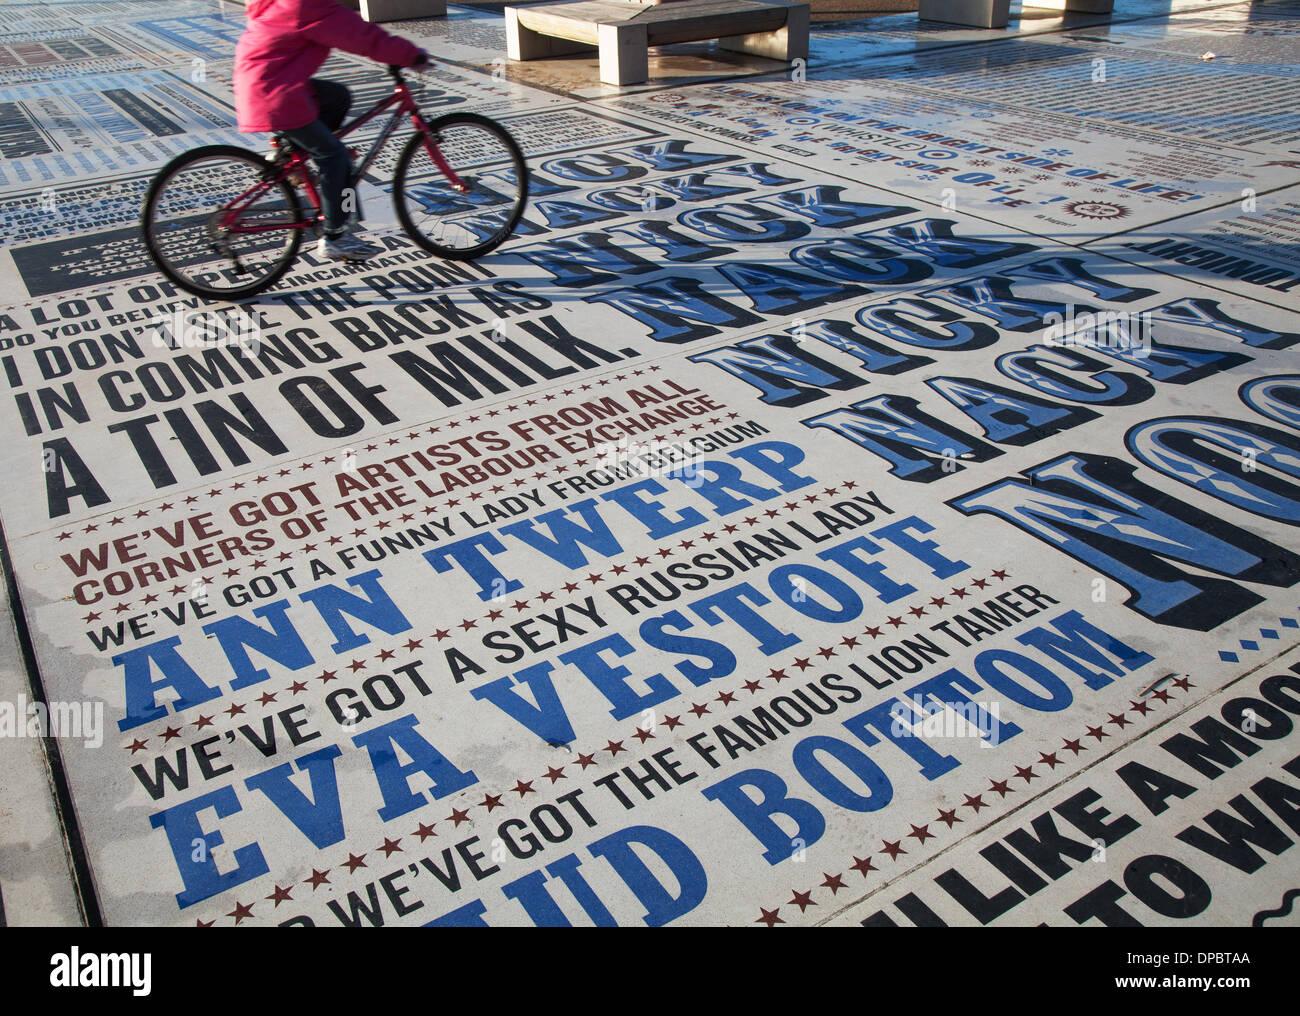 Blackpool, Lancashire, UK 11 Jan, 2014. Au début de la saison, les vacanciers appréciant l'humour et de slogans dans la comédie en relief sur la chaussée de la promenade de Blackpool, célébration de la comédie sur une extraordinaire ampleur. Se référant au travail de plus de 1 000 comédiens et auteurs de comédie, le tapis donne une forme visuelle à des blagues, chansons et slogans datant des premiers temps de la variété à l'heure actuelle. Les 2 200 m2 oeuvre d'art contient plus de 160 000 lettres de granit encastré dans le béton, repousser les frontières de l'art public et typographie à leurs limites. Credit: Mar Photographics/Alamy Live News. Photo Stock